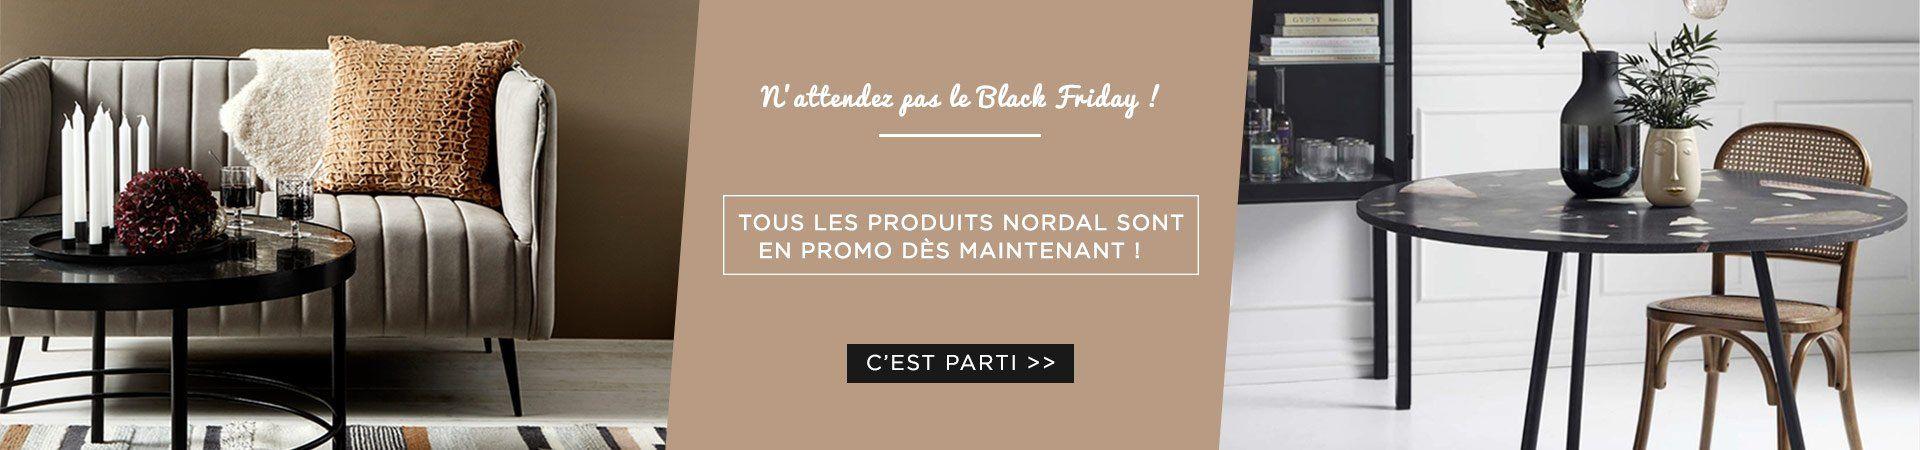 N'attendez pas le Black Friday et découvrez tous nos produits Nordal en promo cette semaine